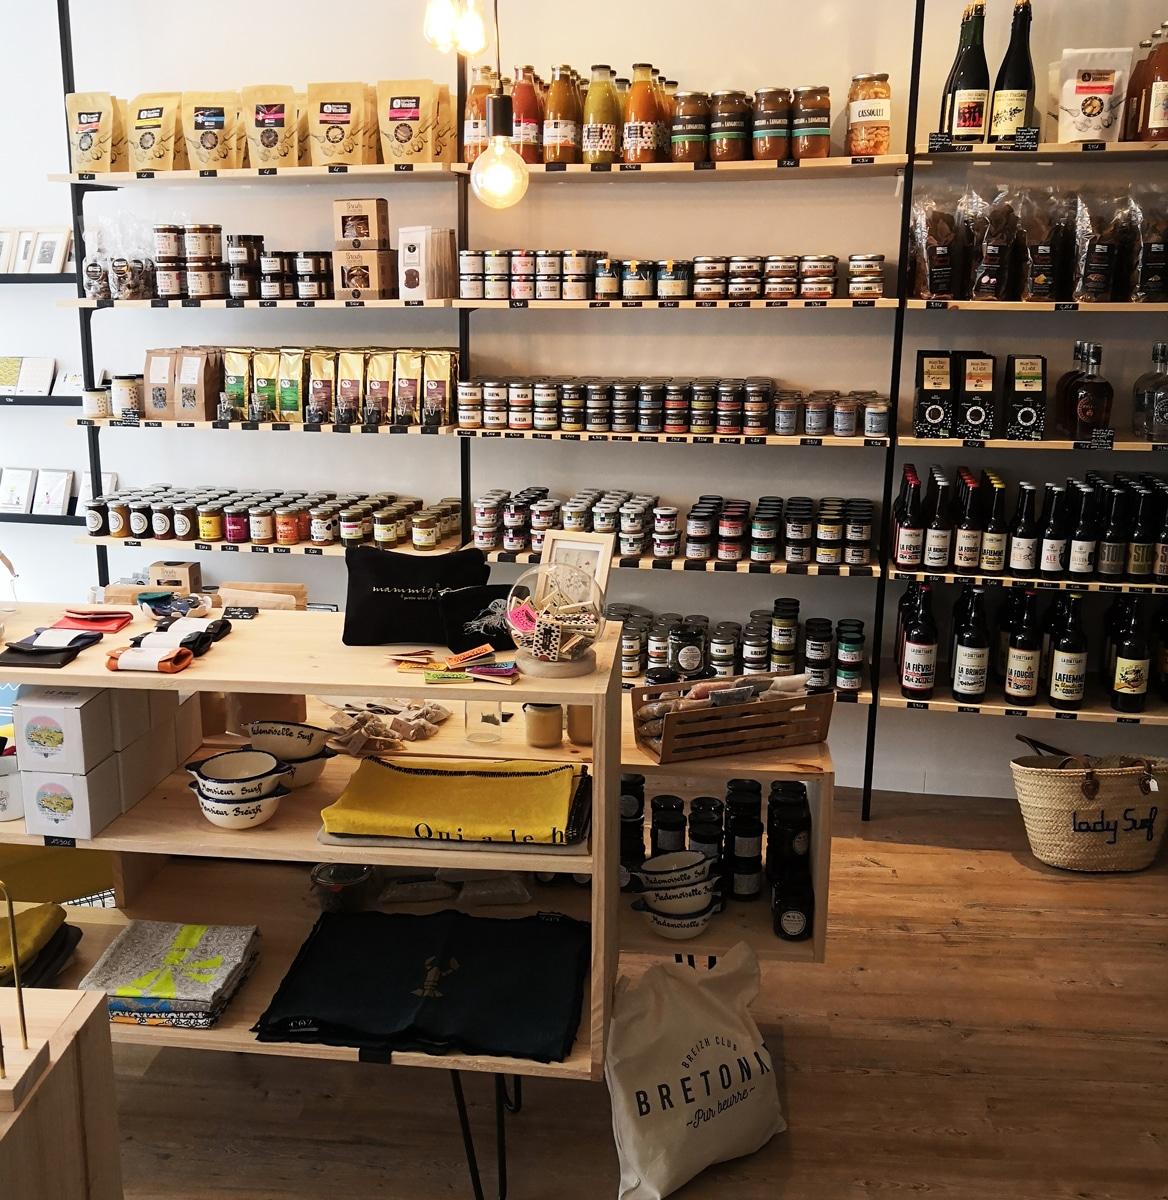 From BREIZH : Le concept store 100% Breton !